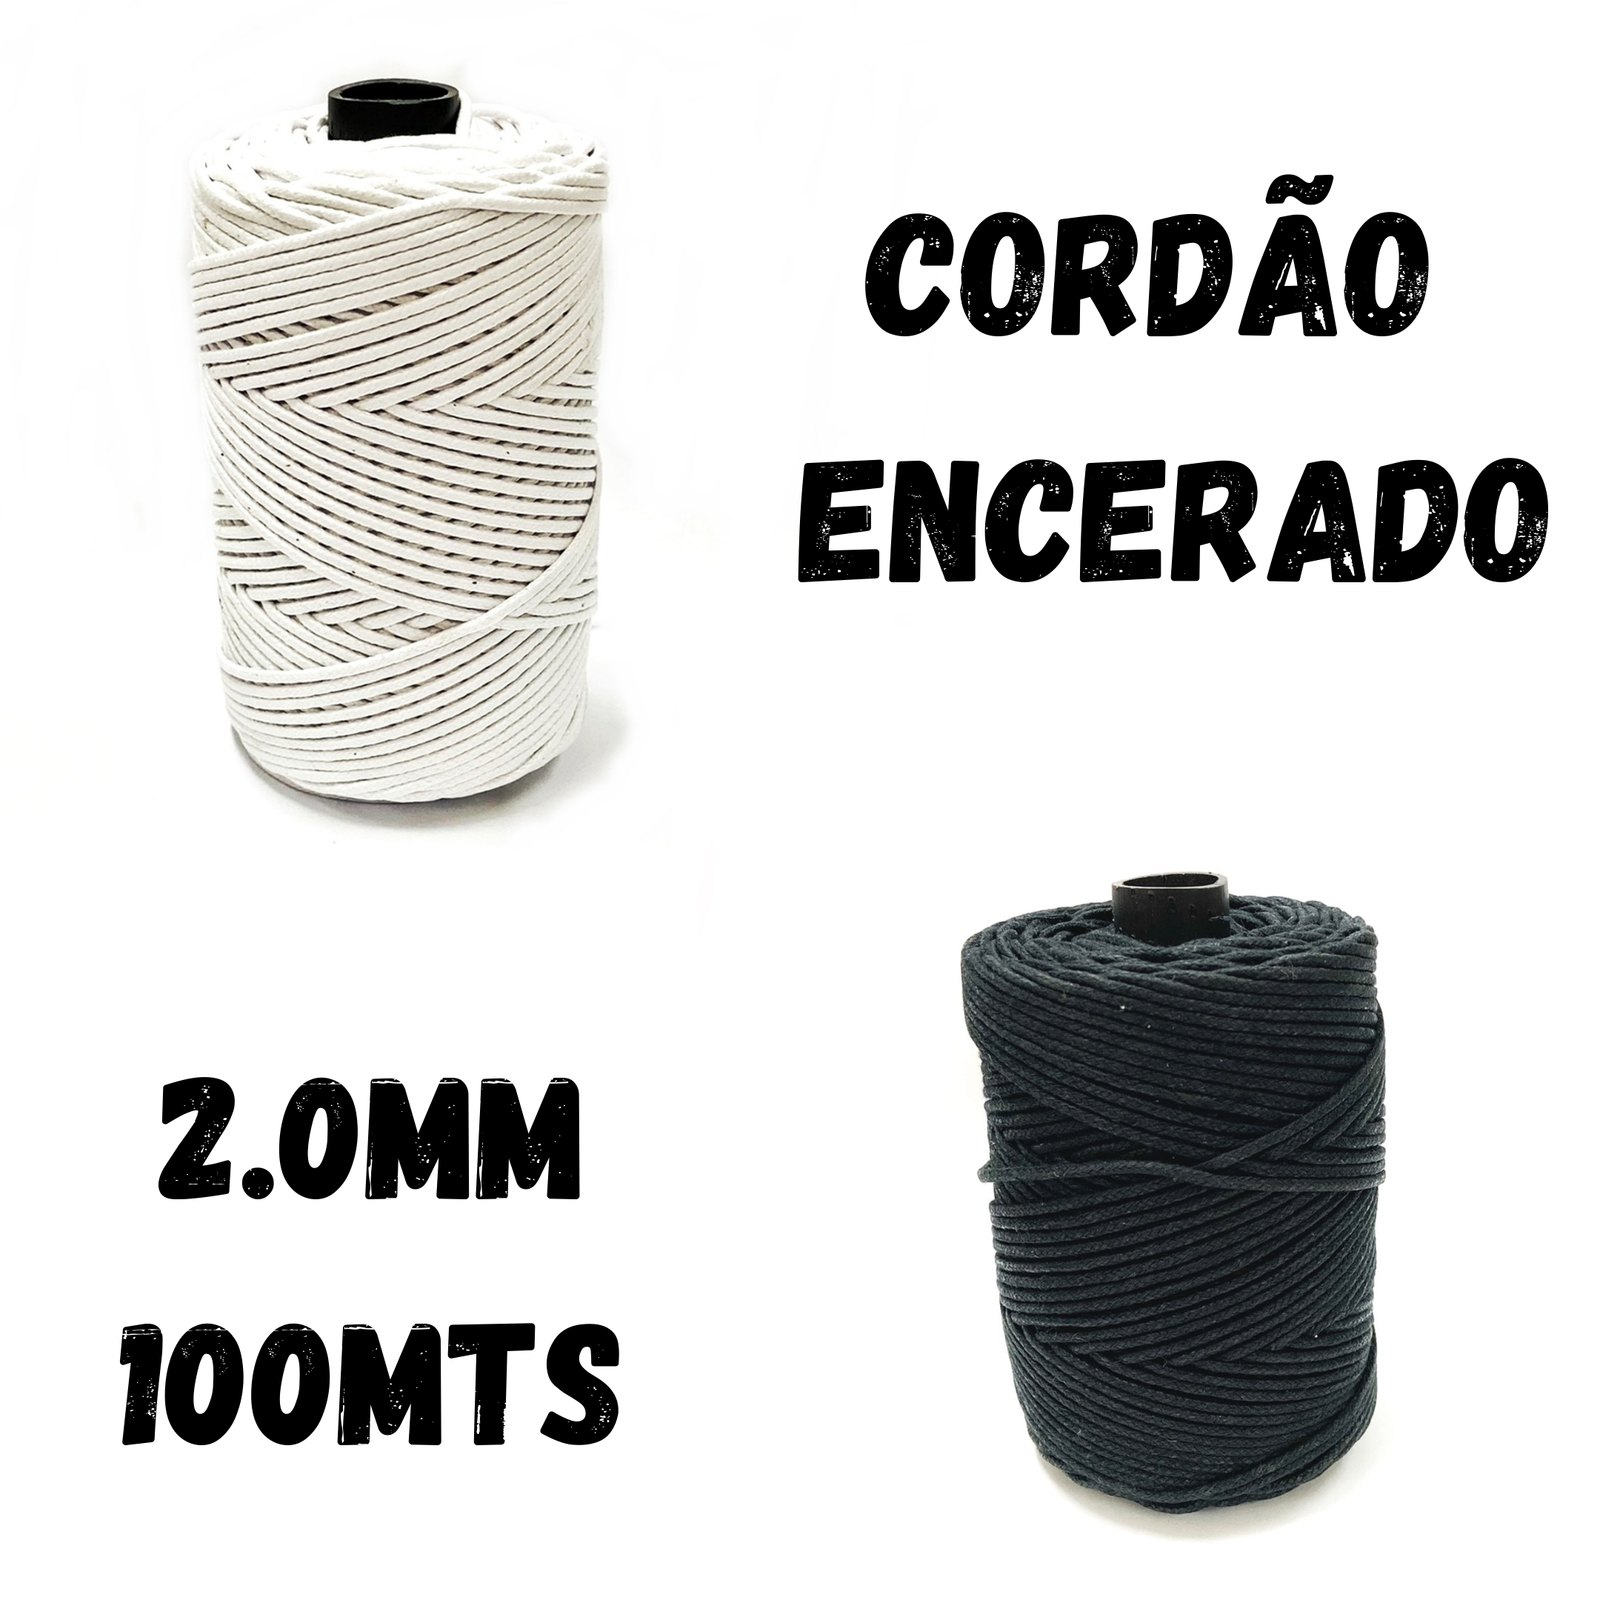 Cordão Encerado 2.0mm - 100mts